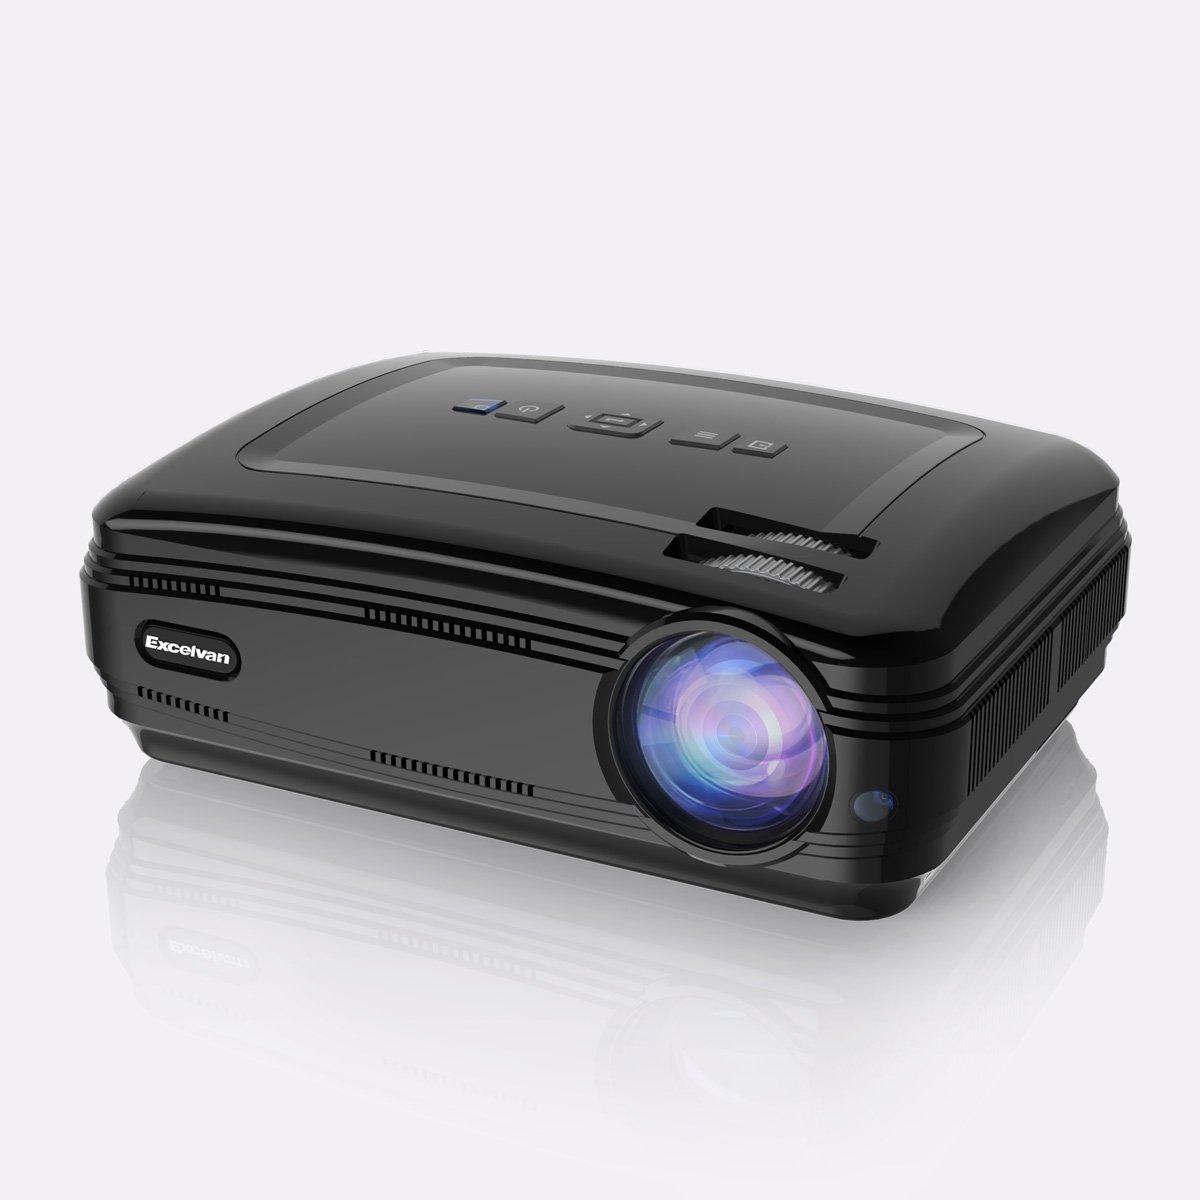 Excelvan BL59 - Proiettore LED 1080P (Sistema Android 6.0, 3200 Lumen, WIFI, 1280 x 768, Proiezione 32 - 200, 4: 3 16: 9, 3000: 1, Supporta Airplay, Miracast, Computer, Duplicato schermo, Altoparlante) (bianco)